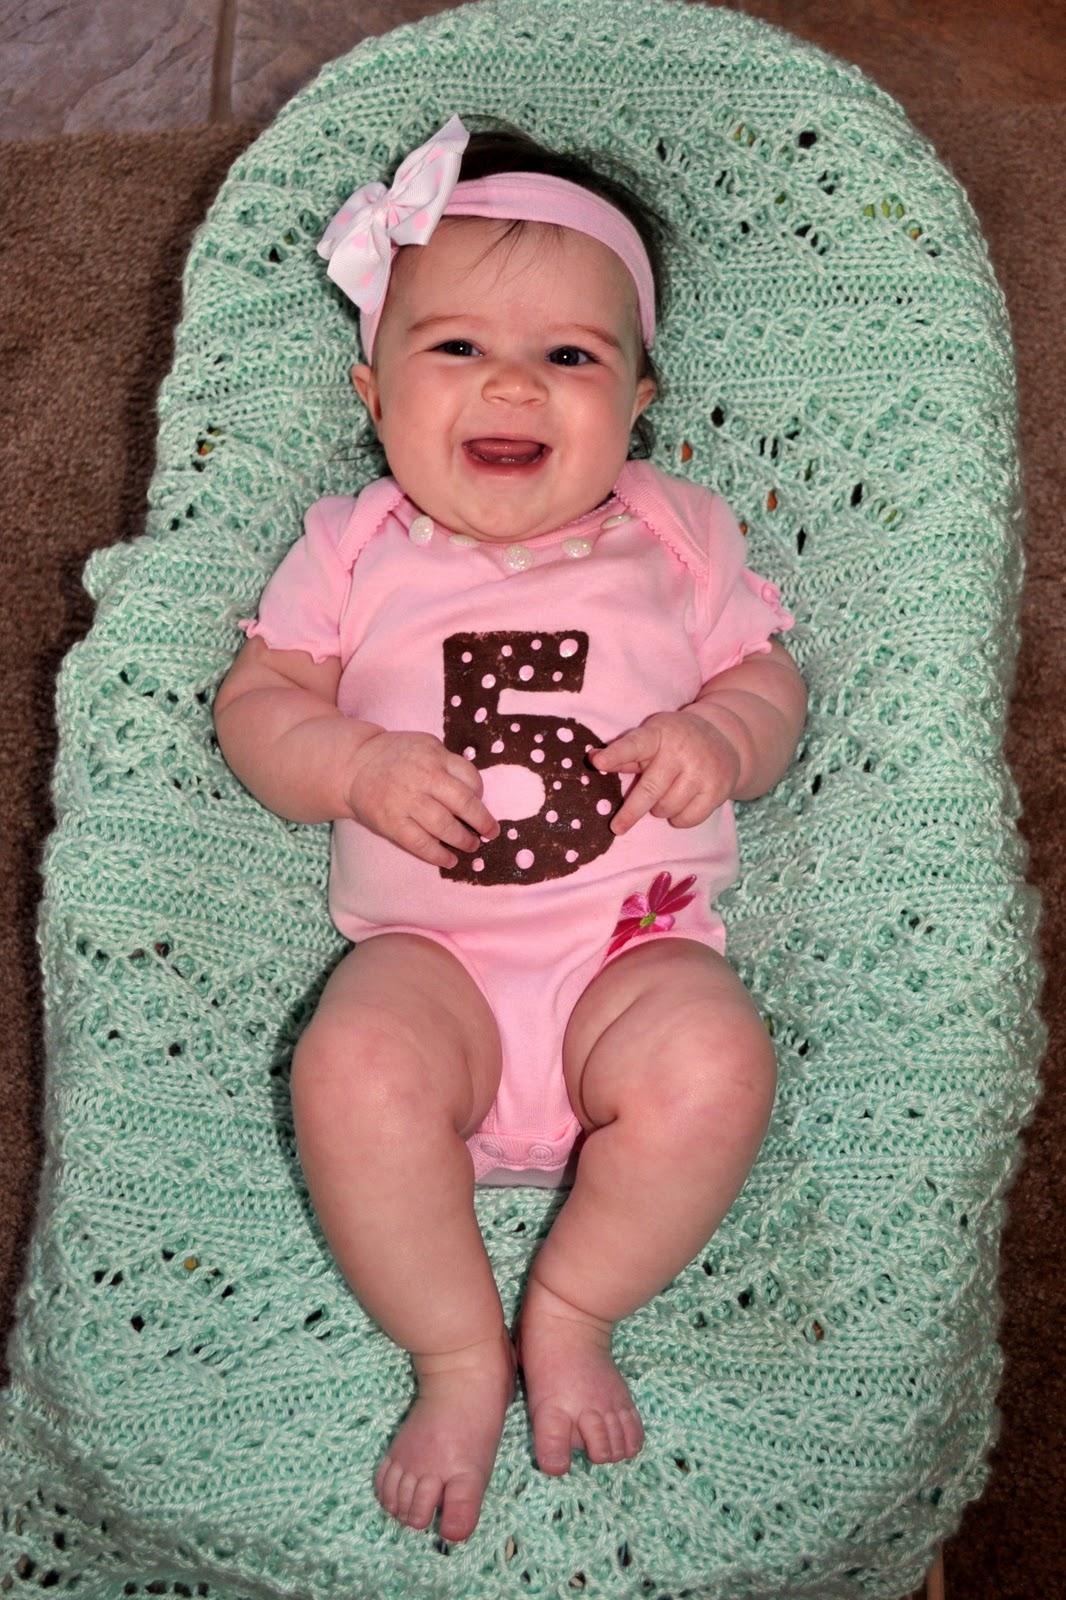 Tu bebe de 5 meses - Comidas para bebes de 5 a 6 meses ...